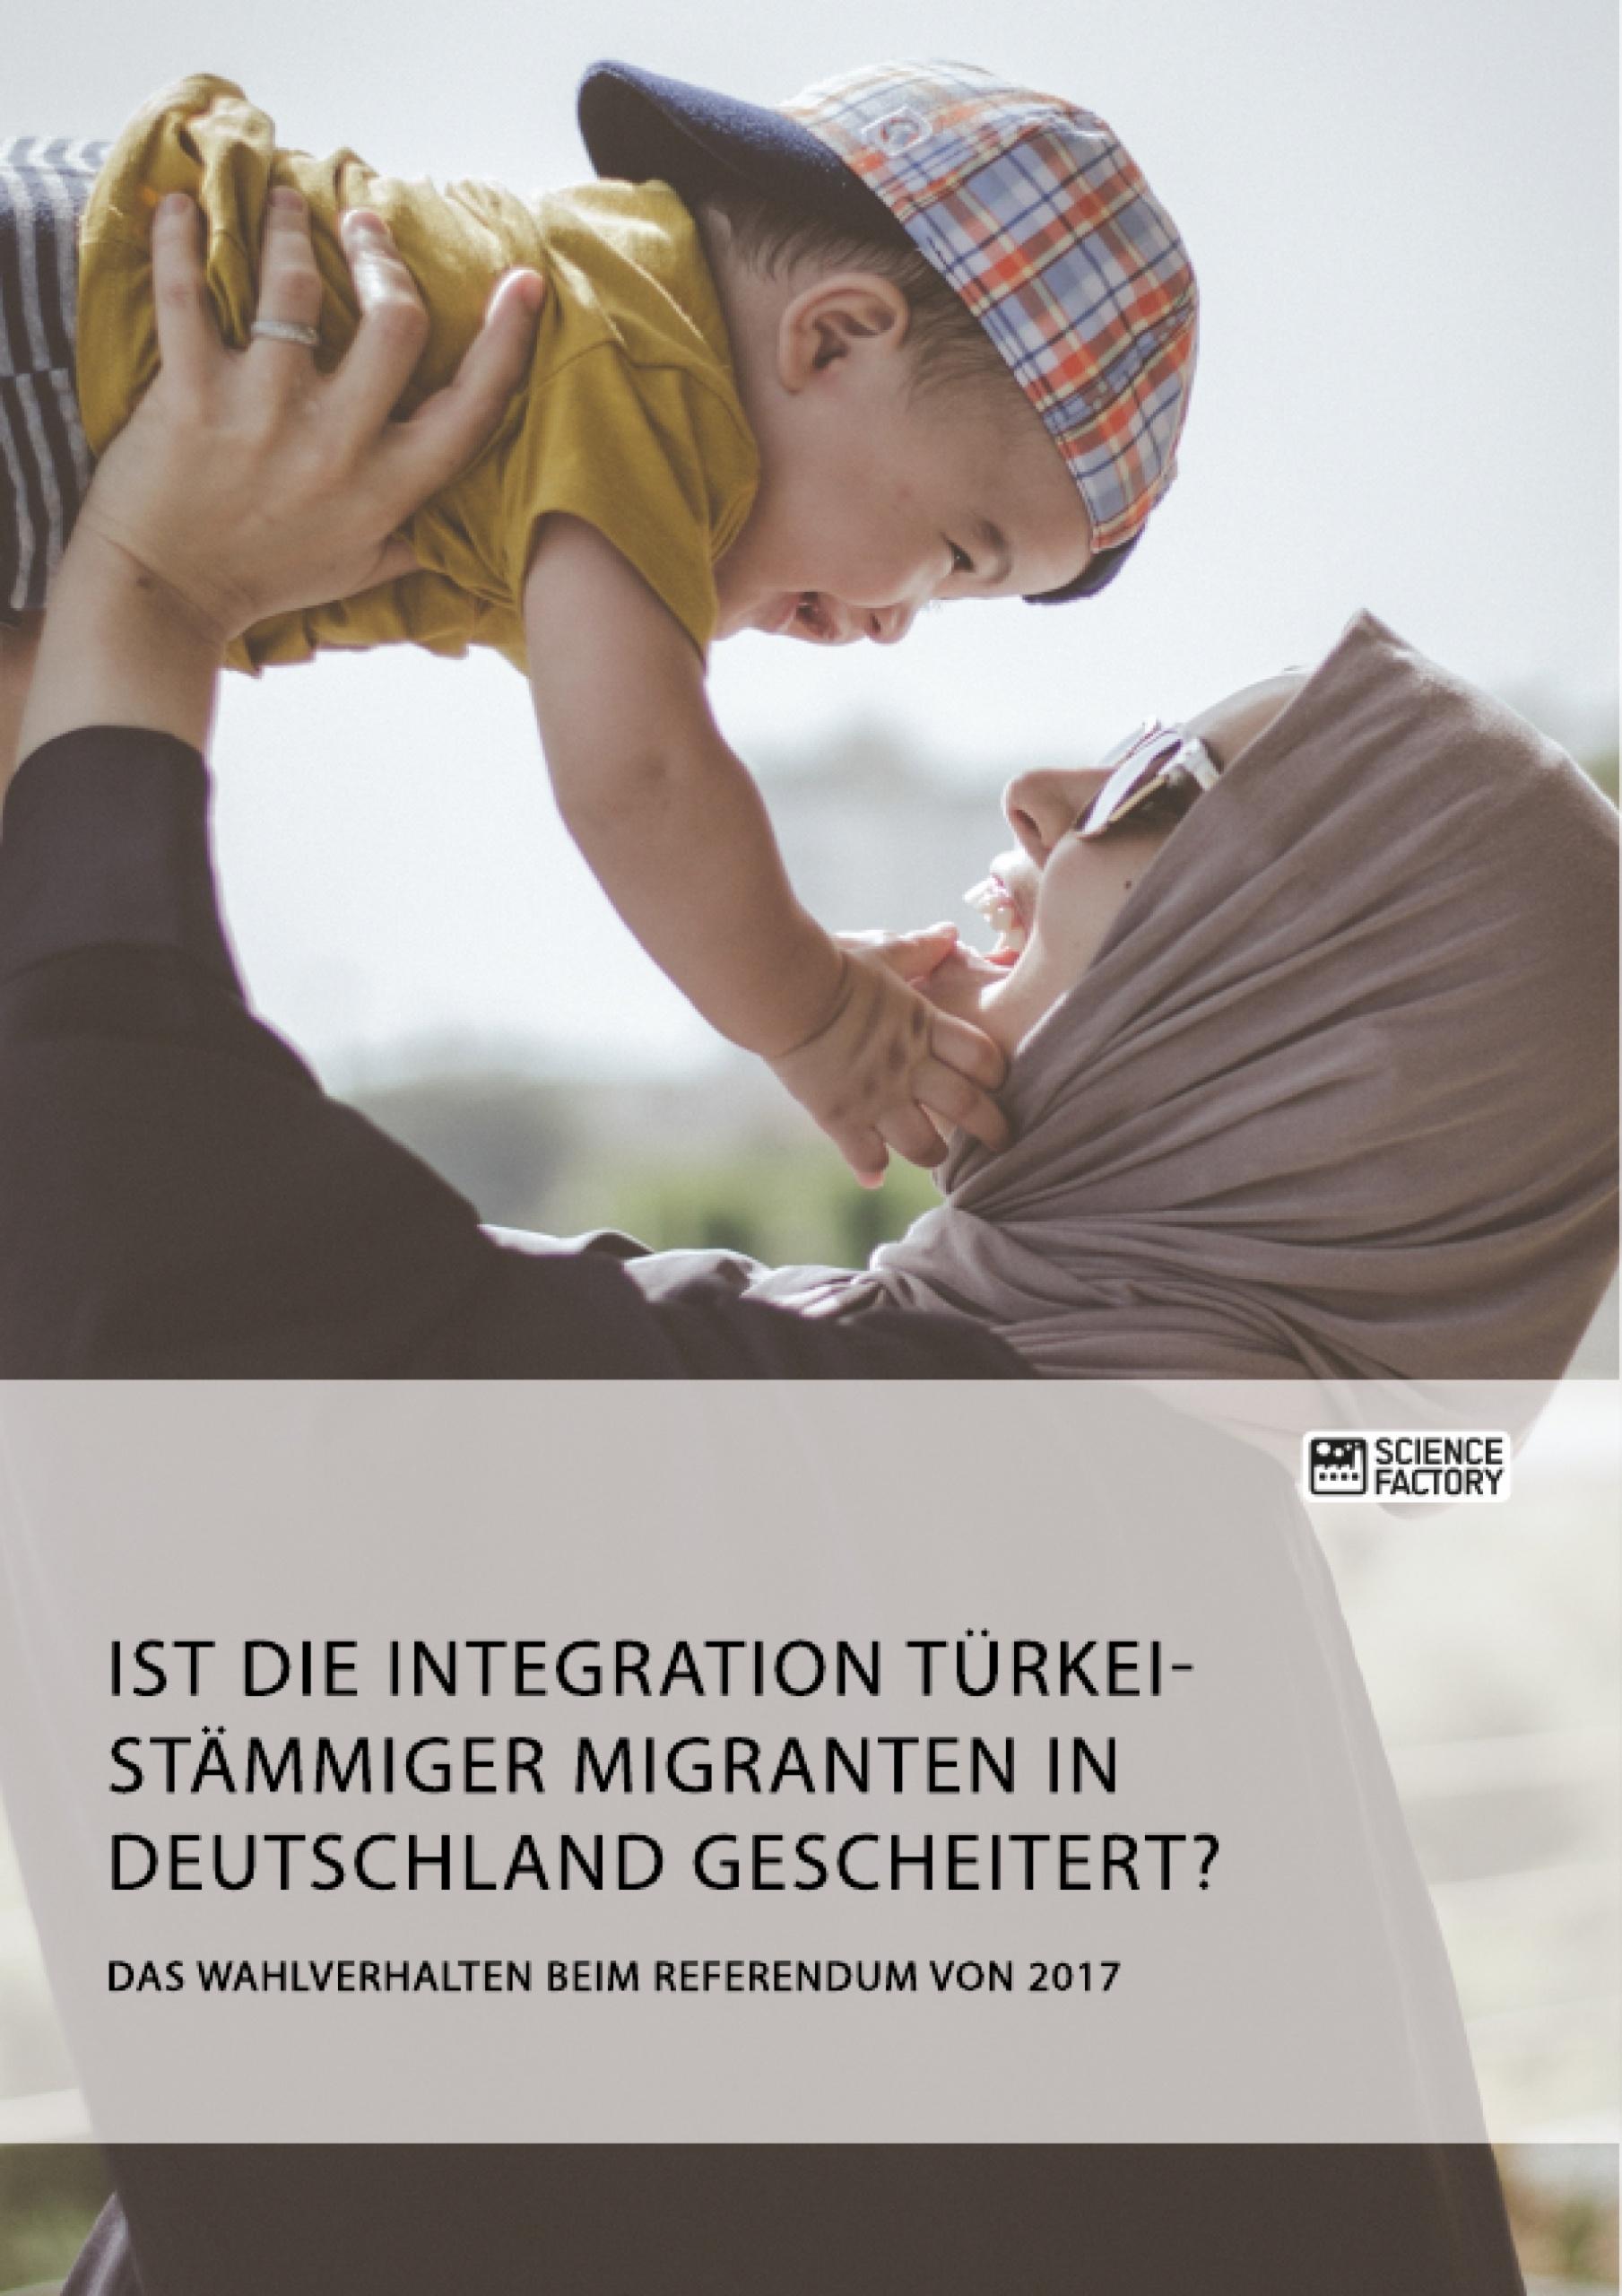 Titel: Ist die Integration türkeistämmiger Migranten in Deutschland gescheitert? Das Wahlverhalten beim Referendum von 2017